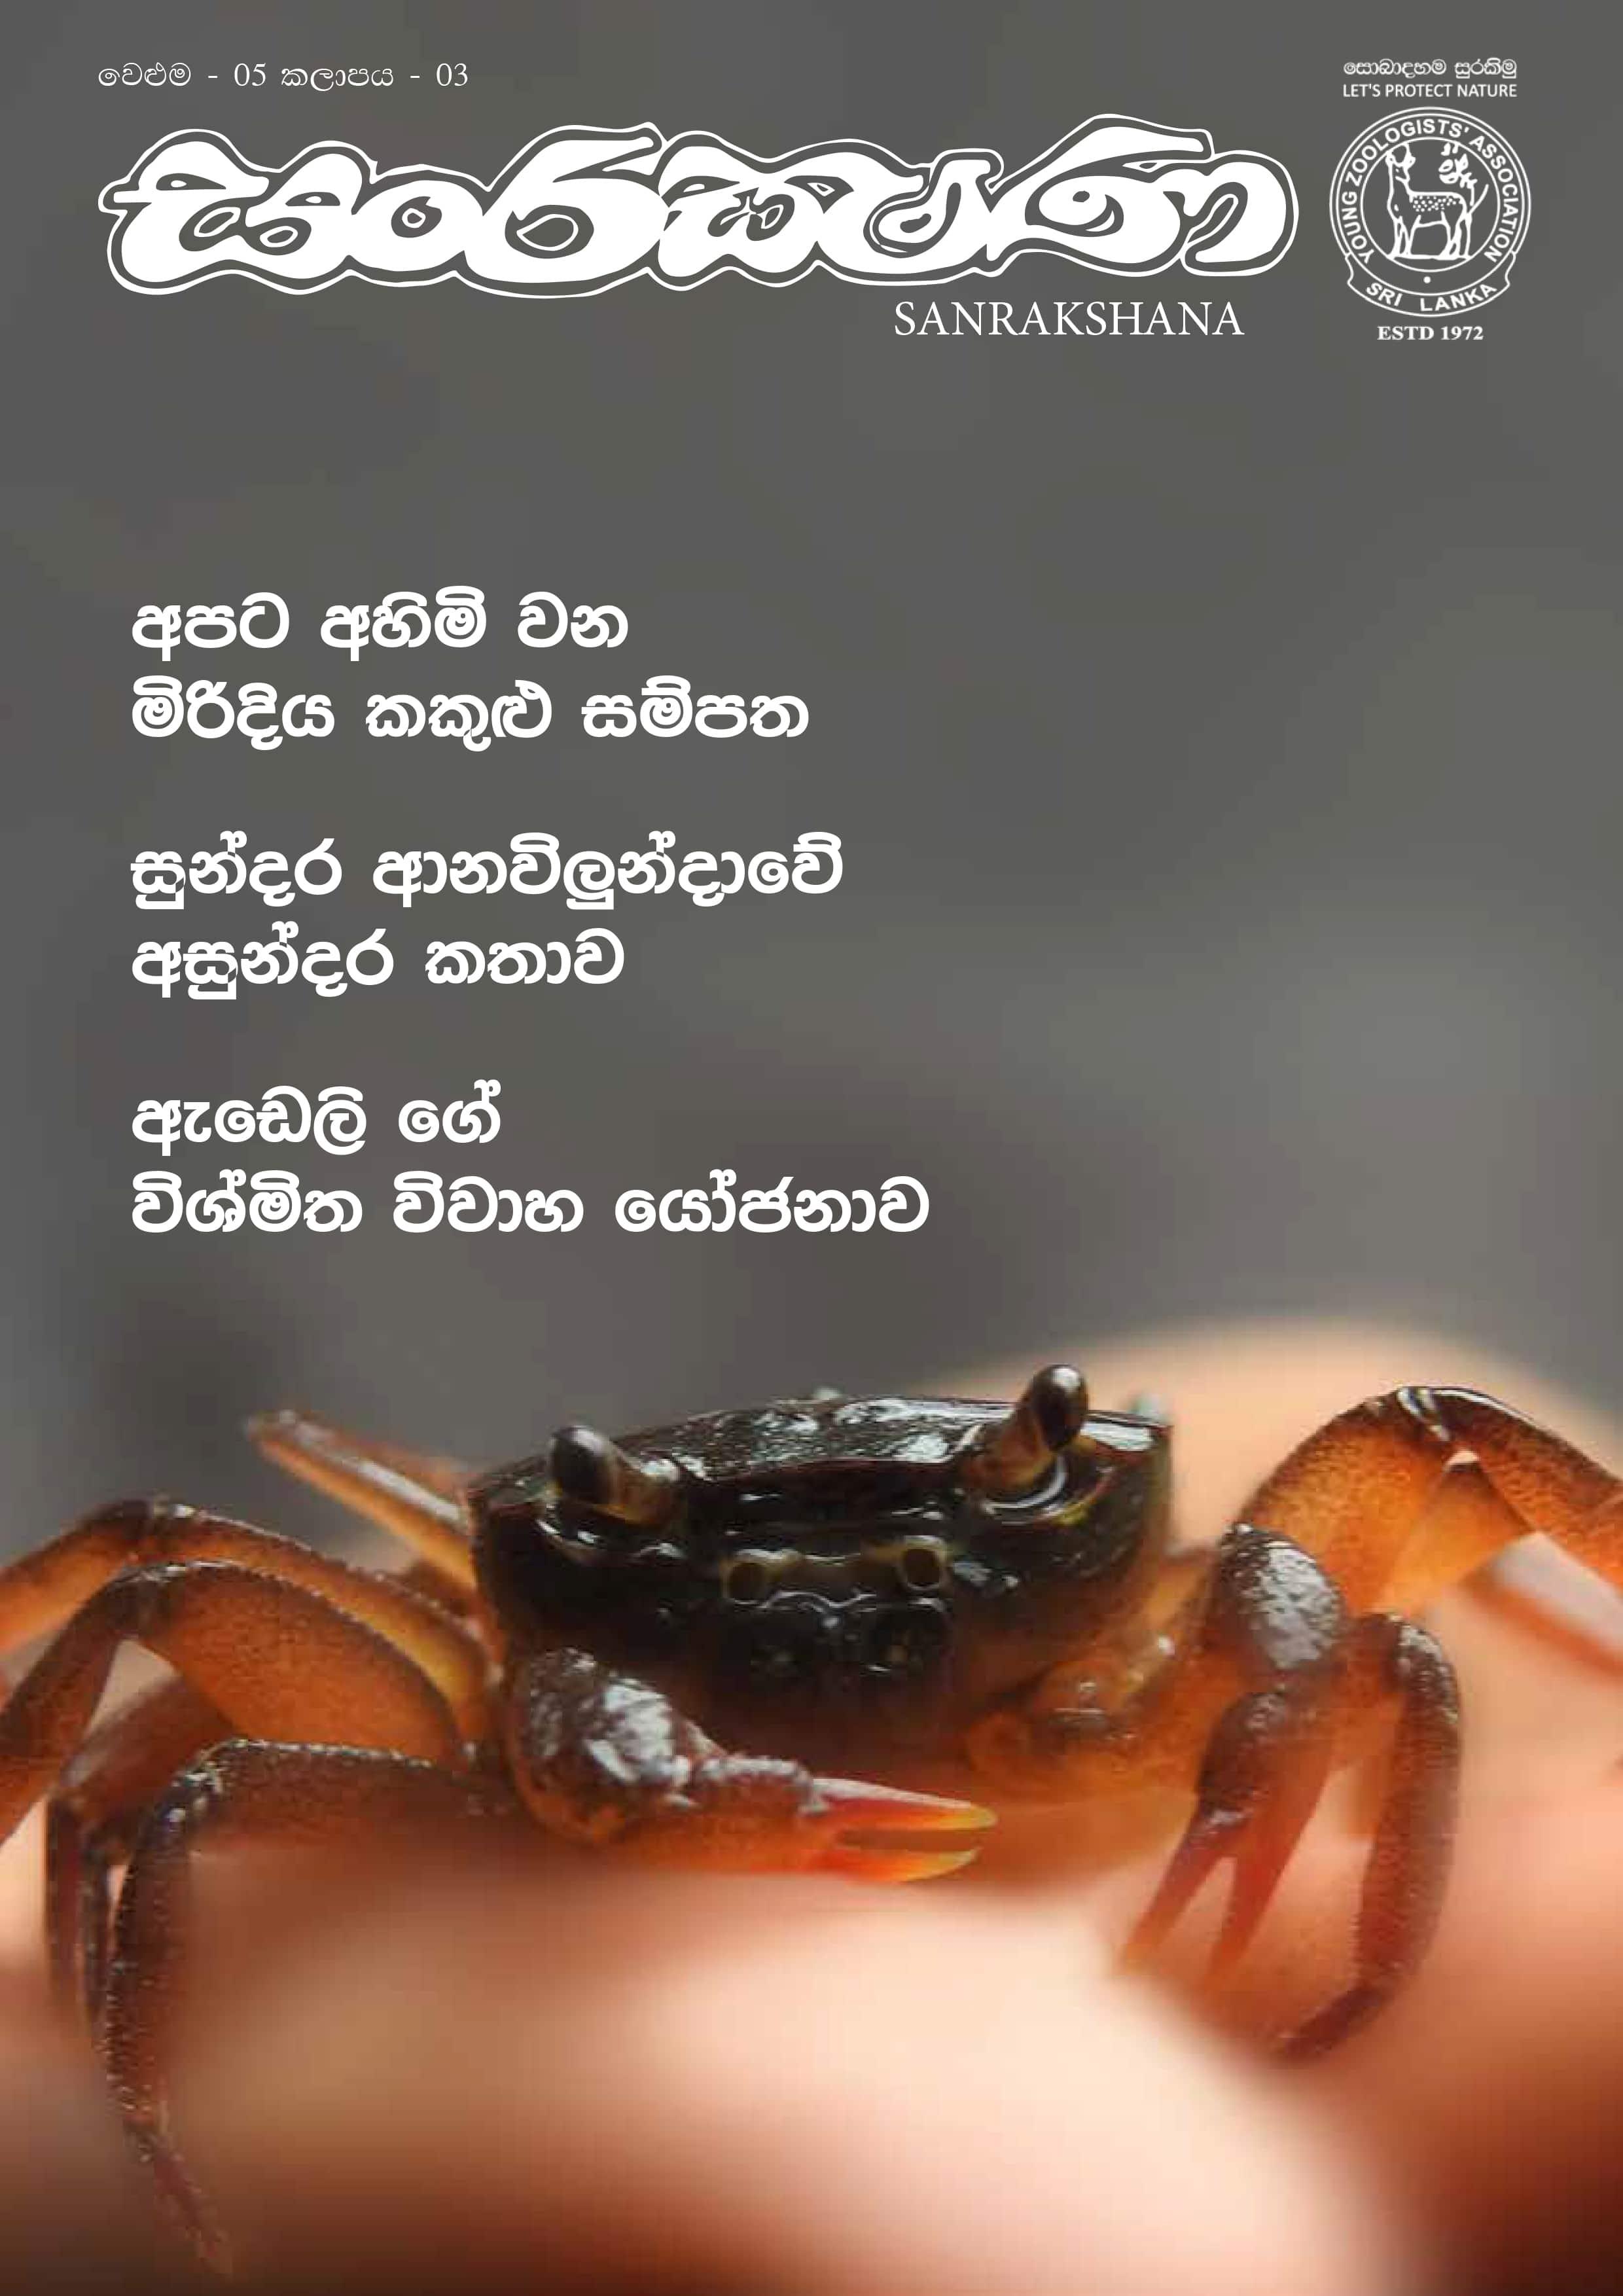 sanrakshana vol 3-1